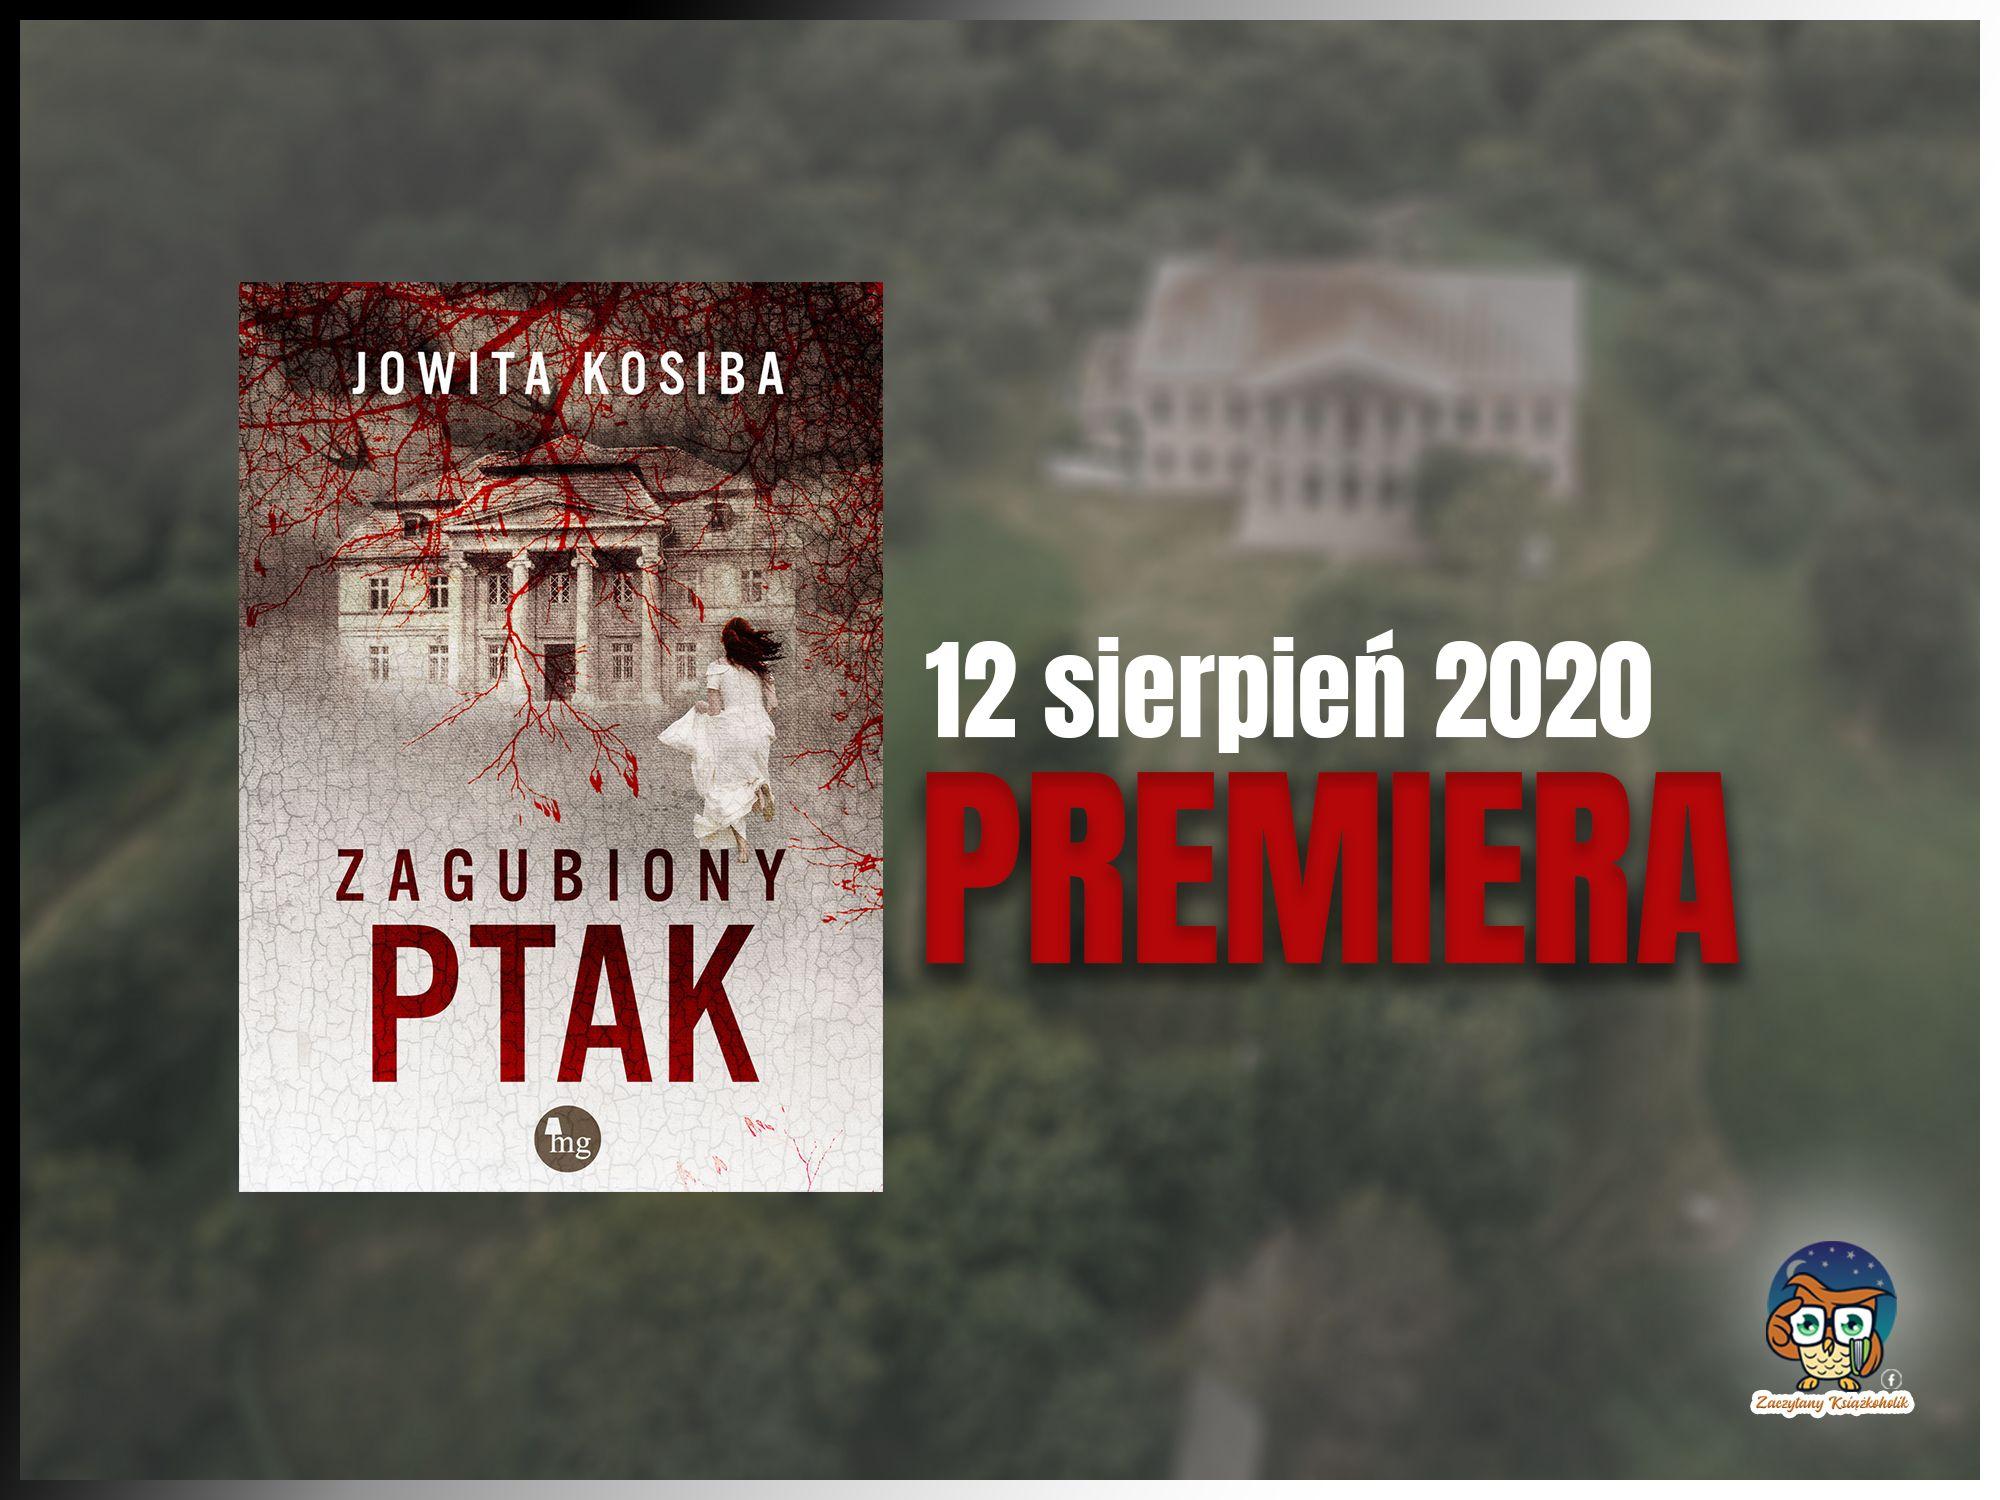 """""""Zagubiony ptak"""", Jowita Kosiba"""